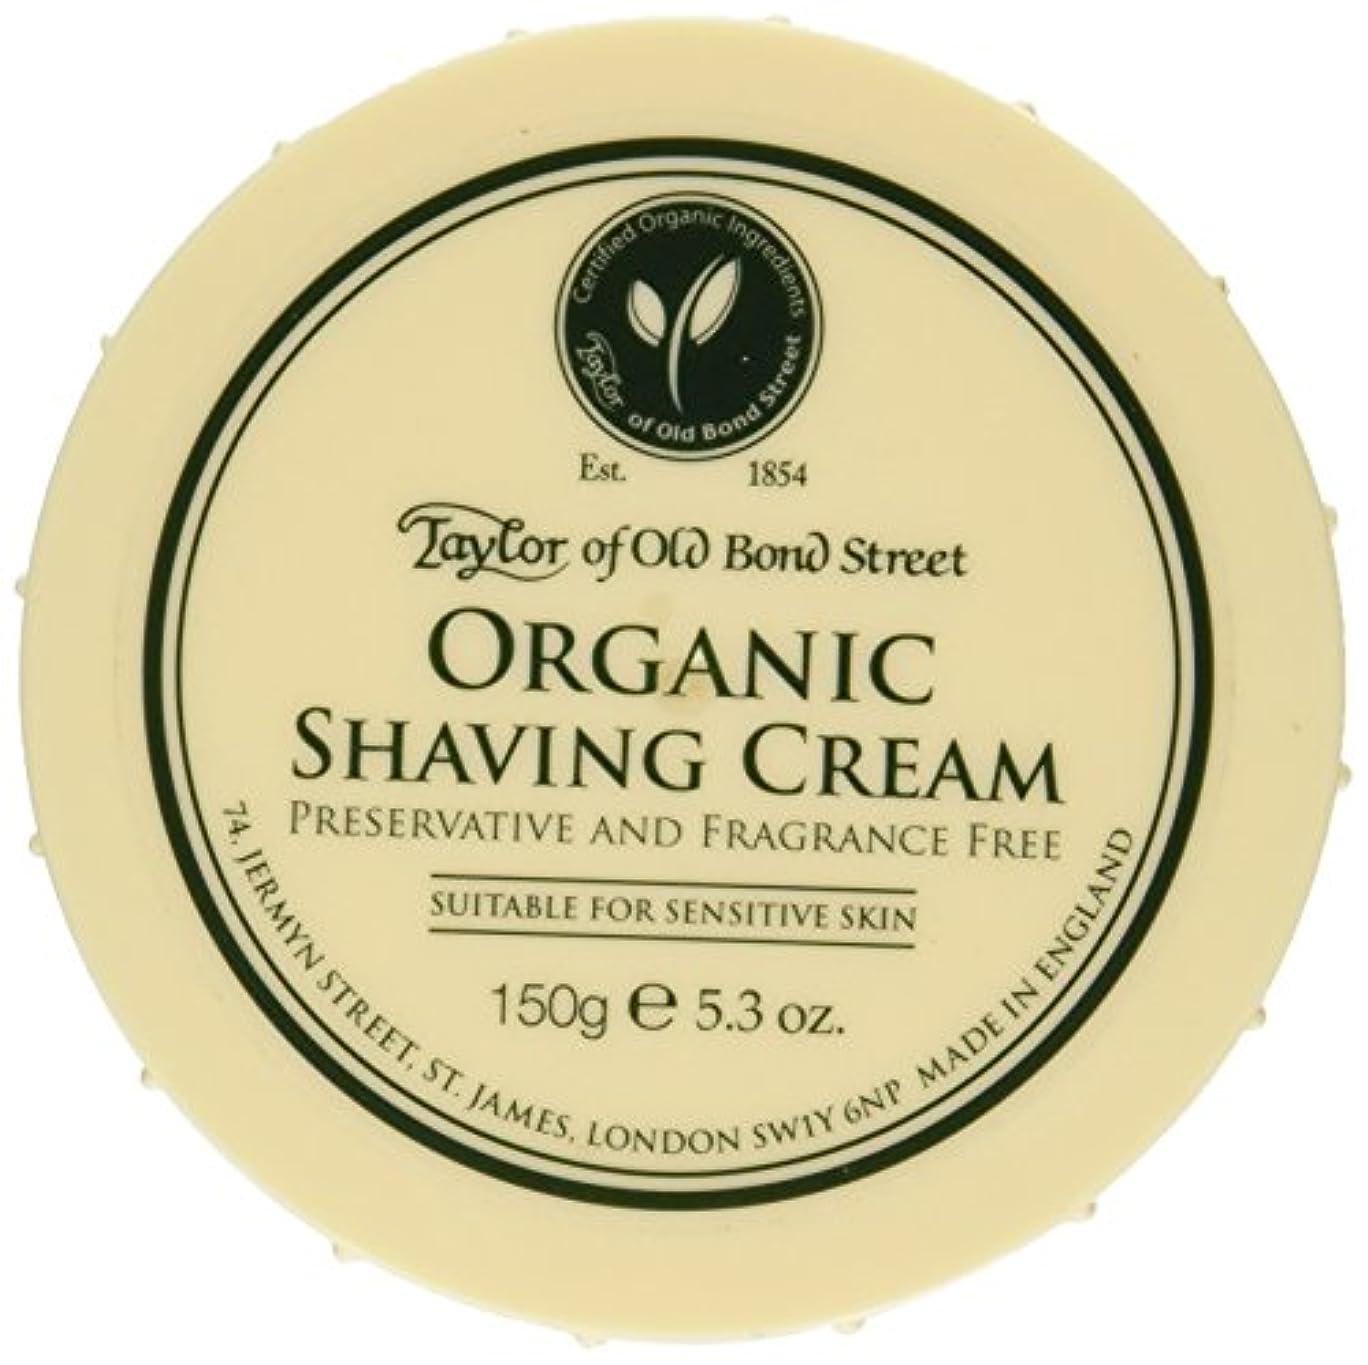 負担またね船尾Taylor of Old Bond Street Organic Shaving Cream w/ Aloe & Jojoba *New* 5.3 oz. by Taylor of Old Bond Street